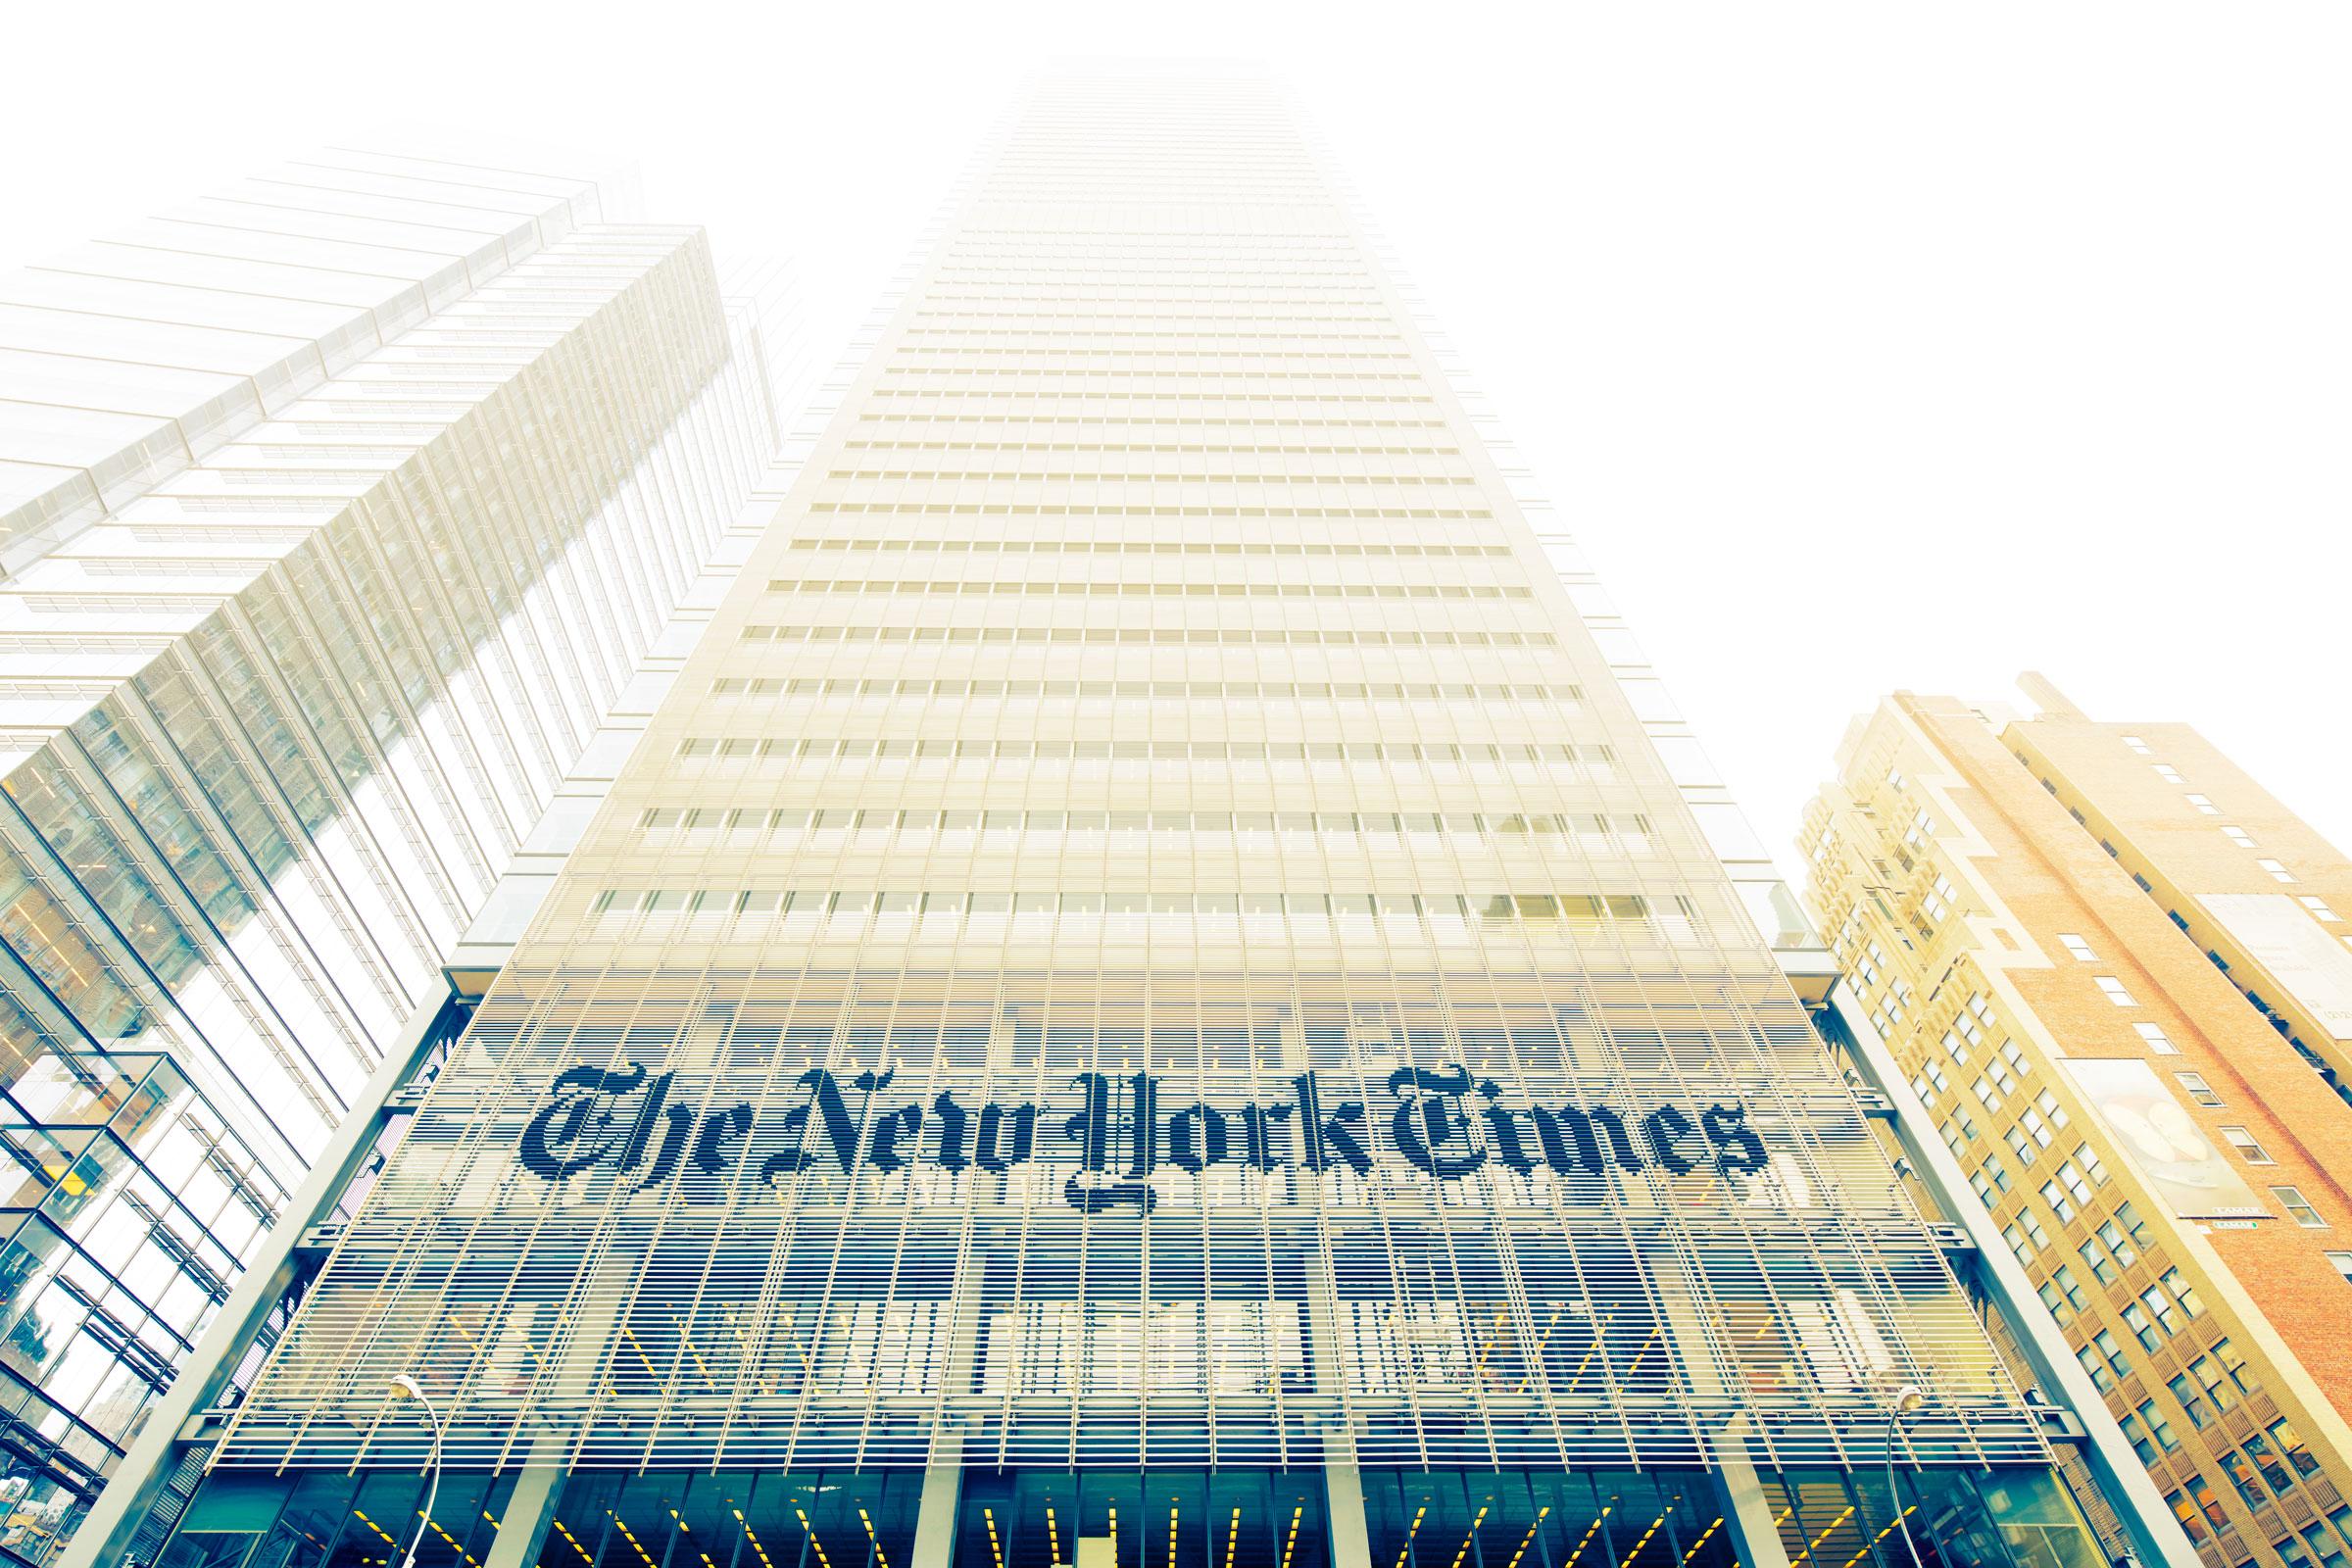 Annuncio da sogno del New York Times